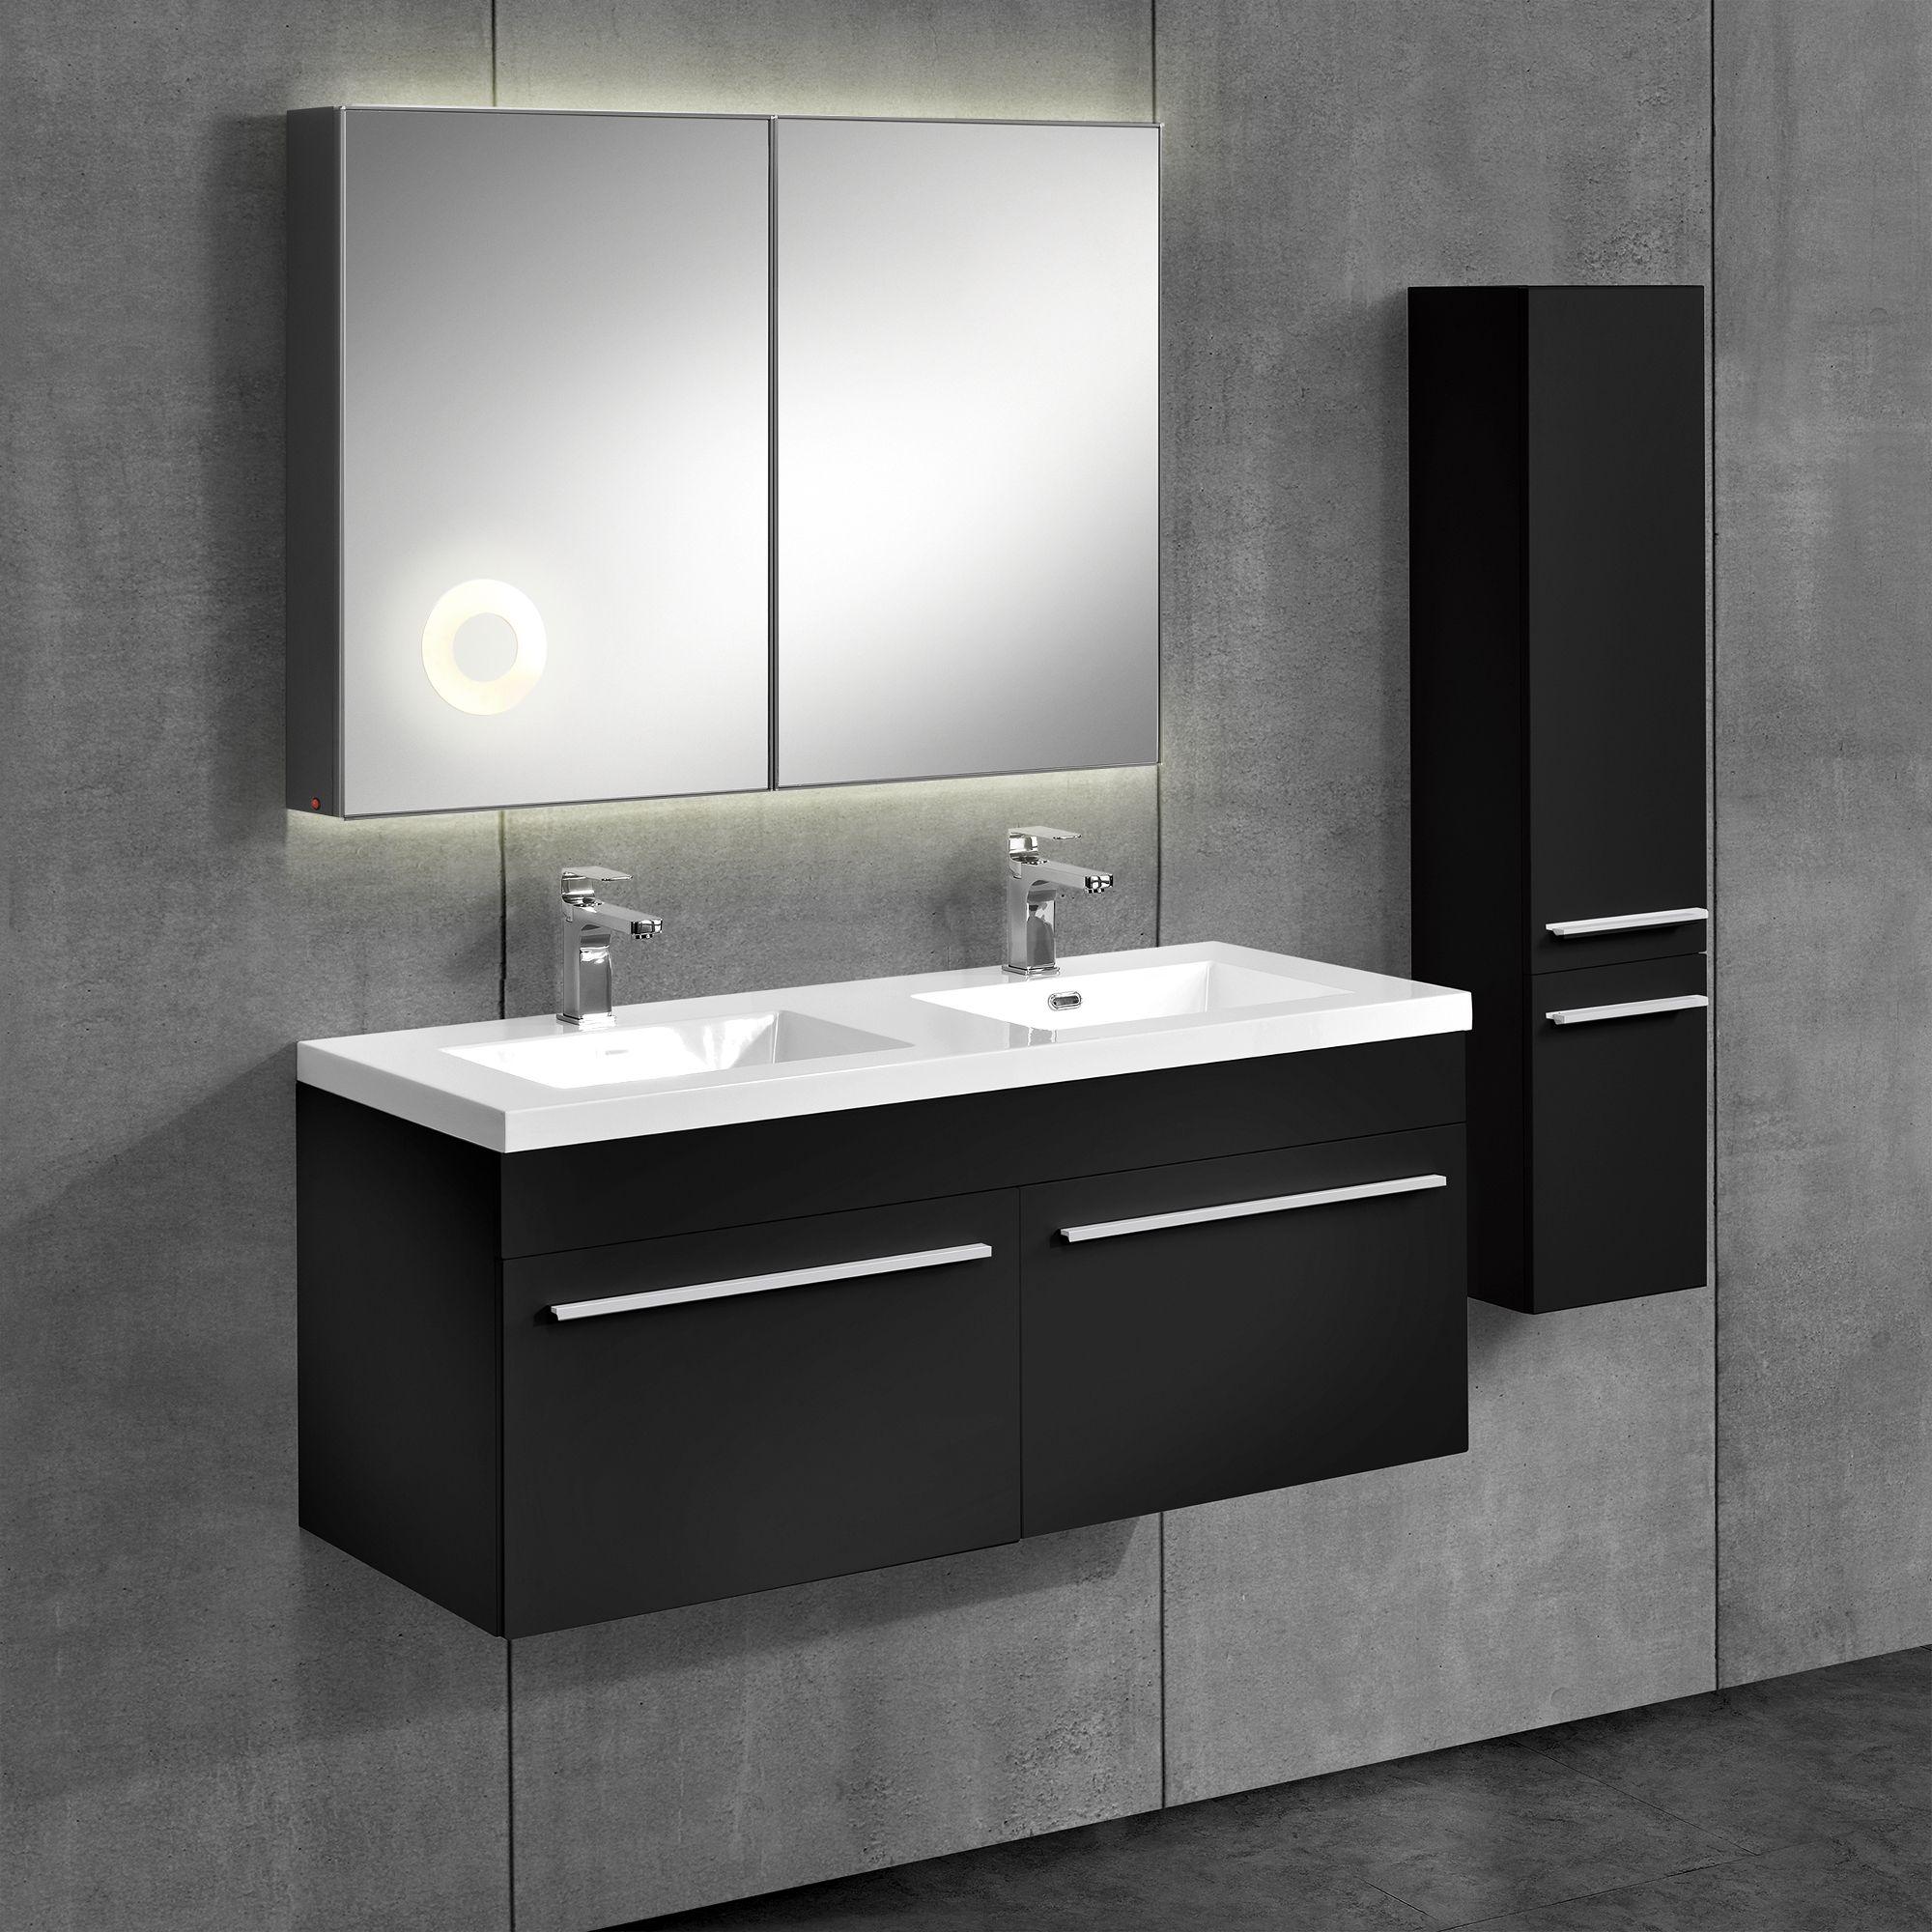 Neu Haus Badezimmerschrank Unterschrank Waschtisch Hochschrank